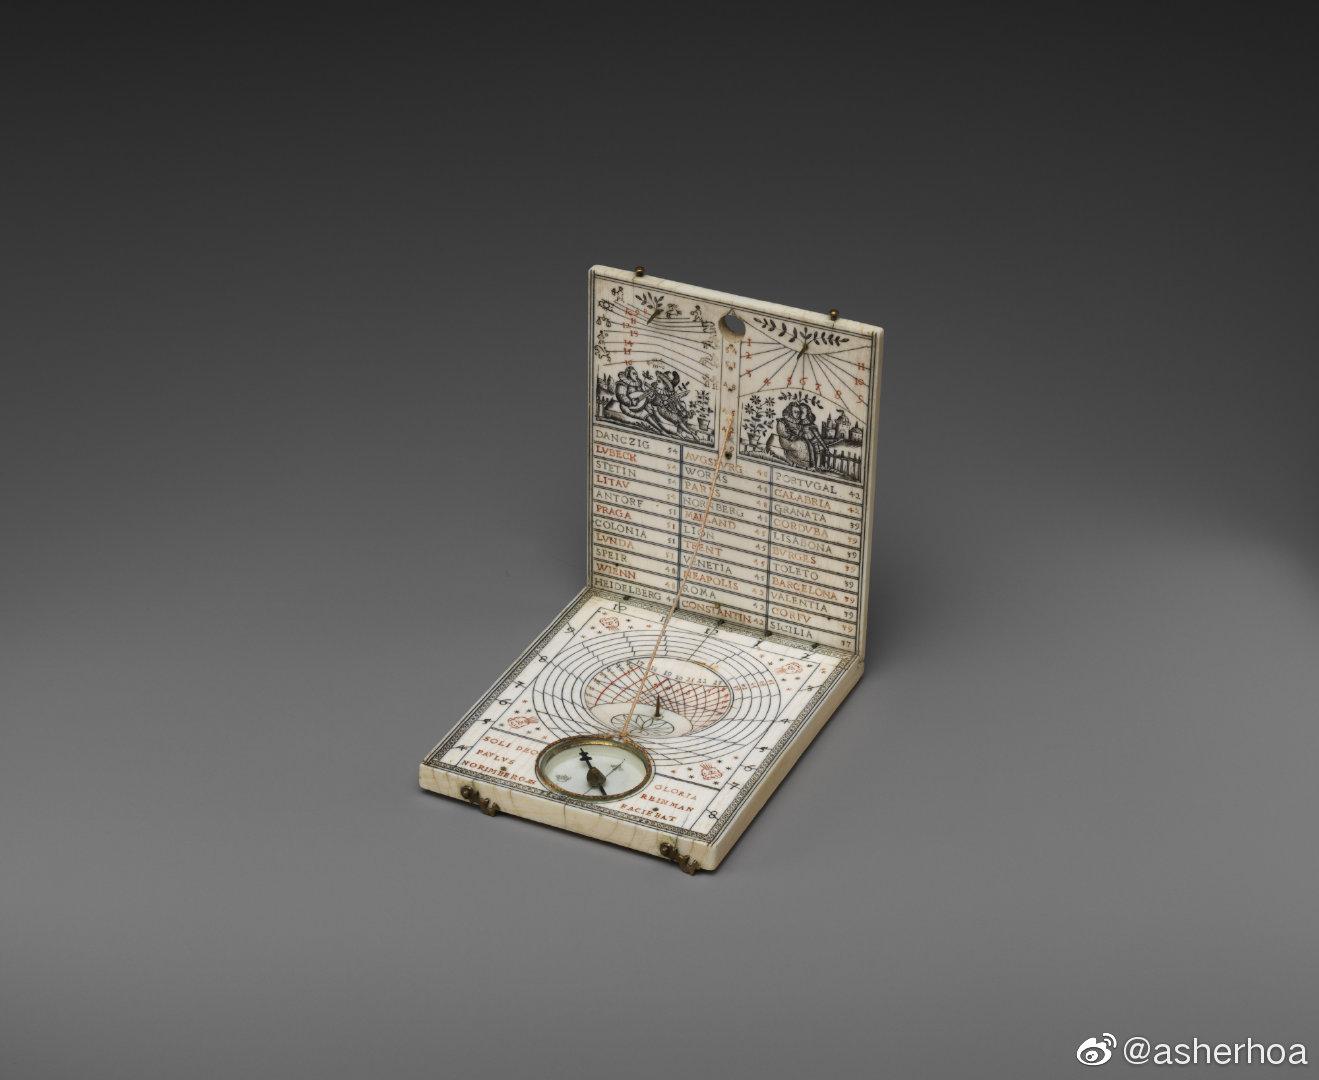 1602年产于德意志纽伦堡的便携可对折象牙日晷